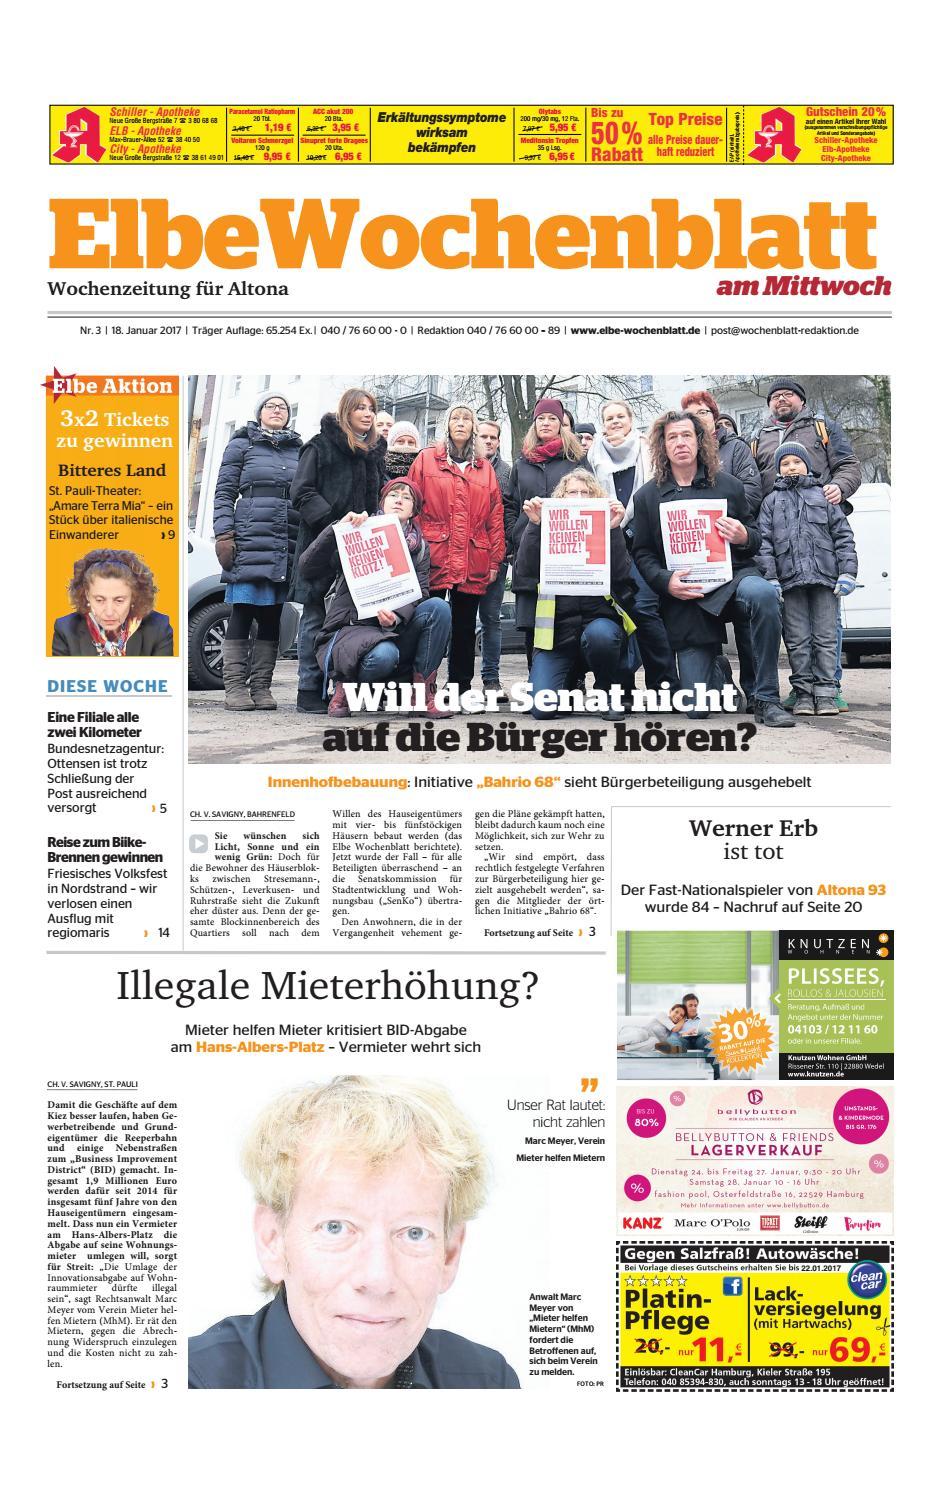 Altona KW03 2017 By Elbe Wochenblatt Verlagsgesellschaft MbH & Co KG